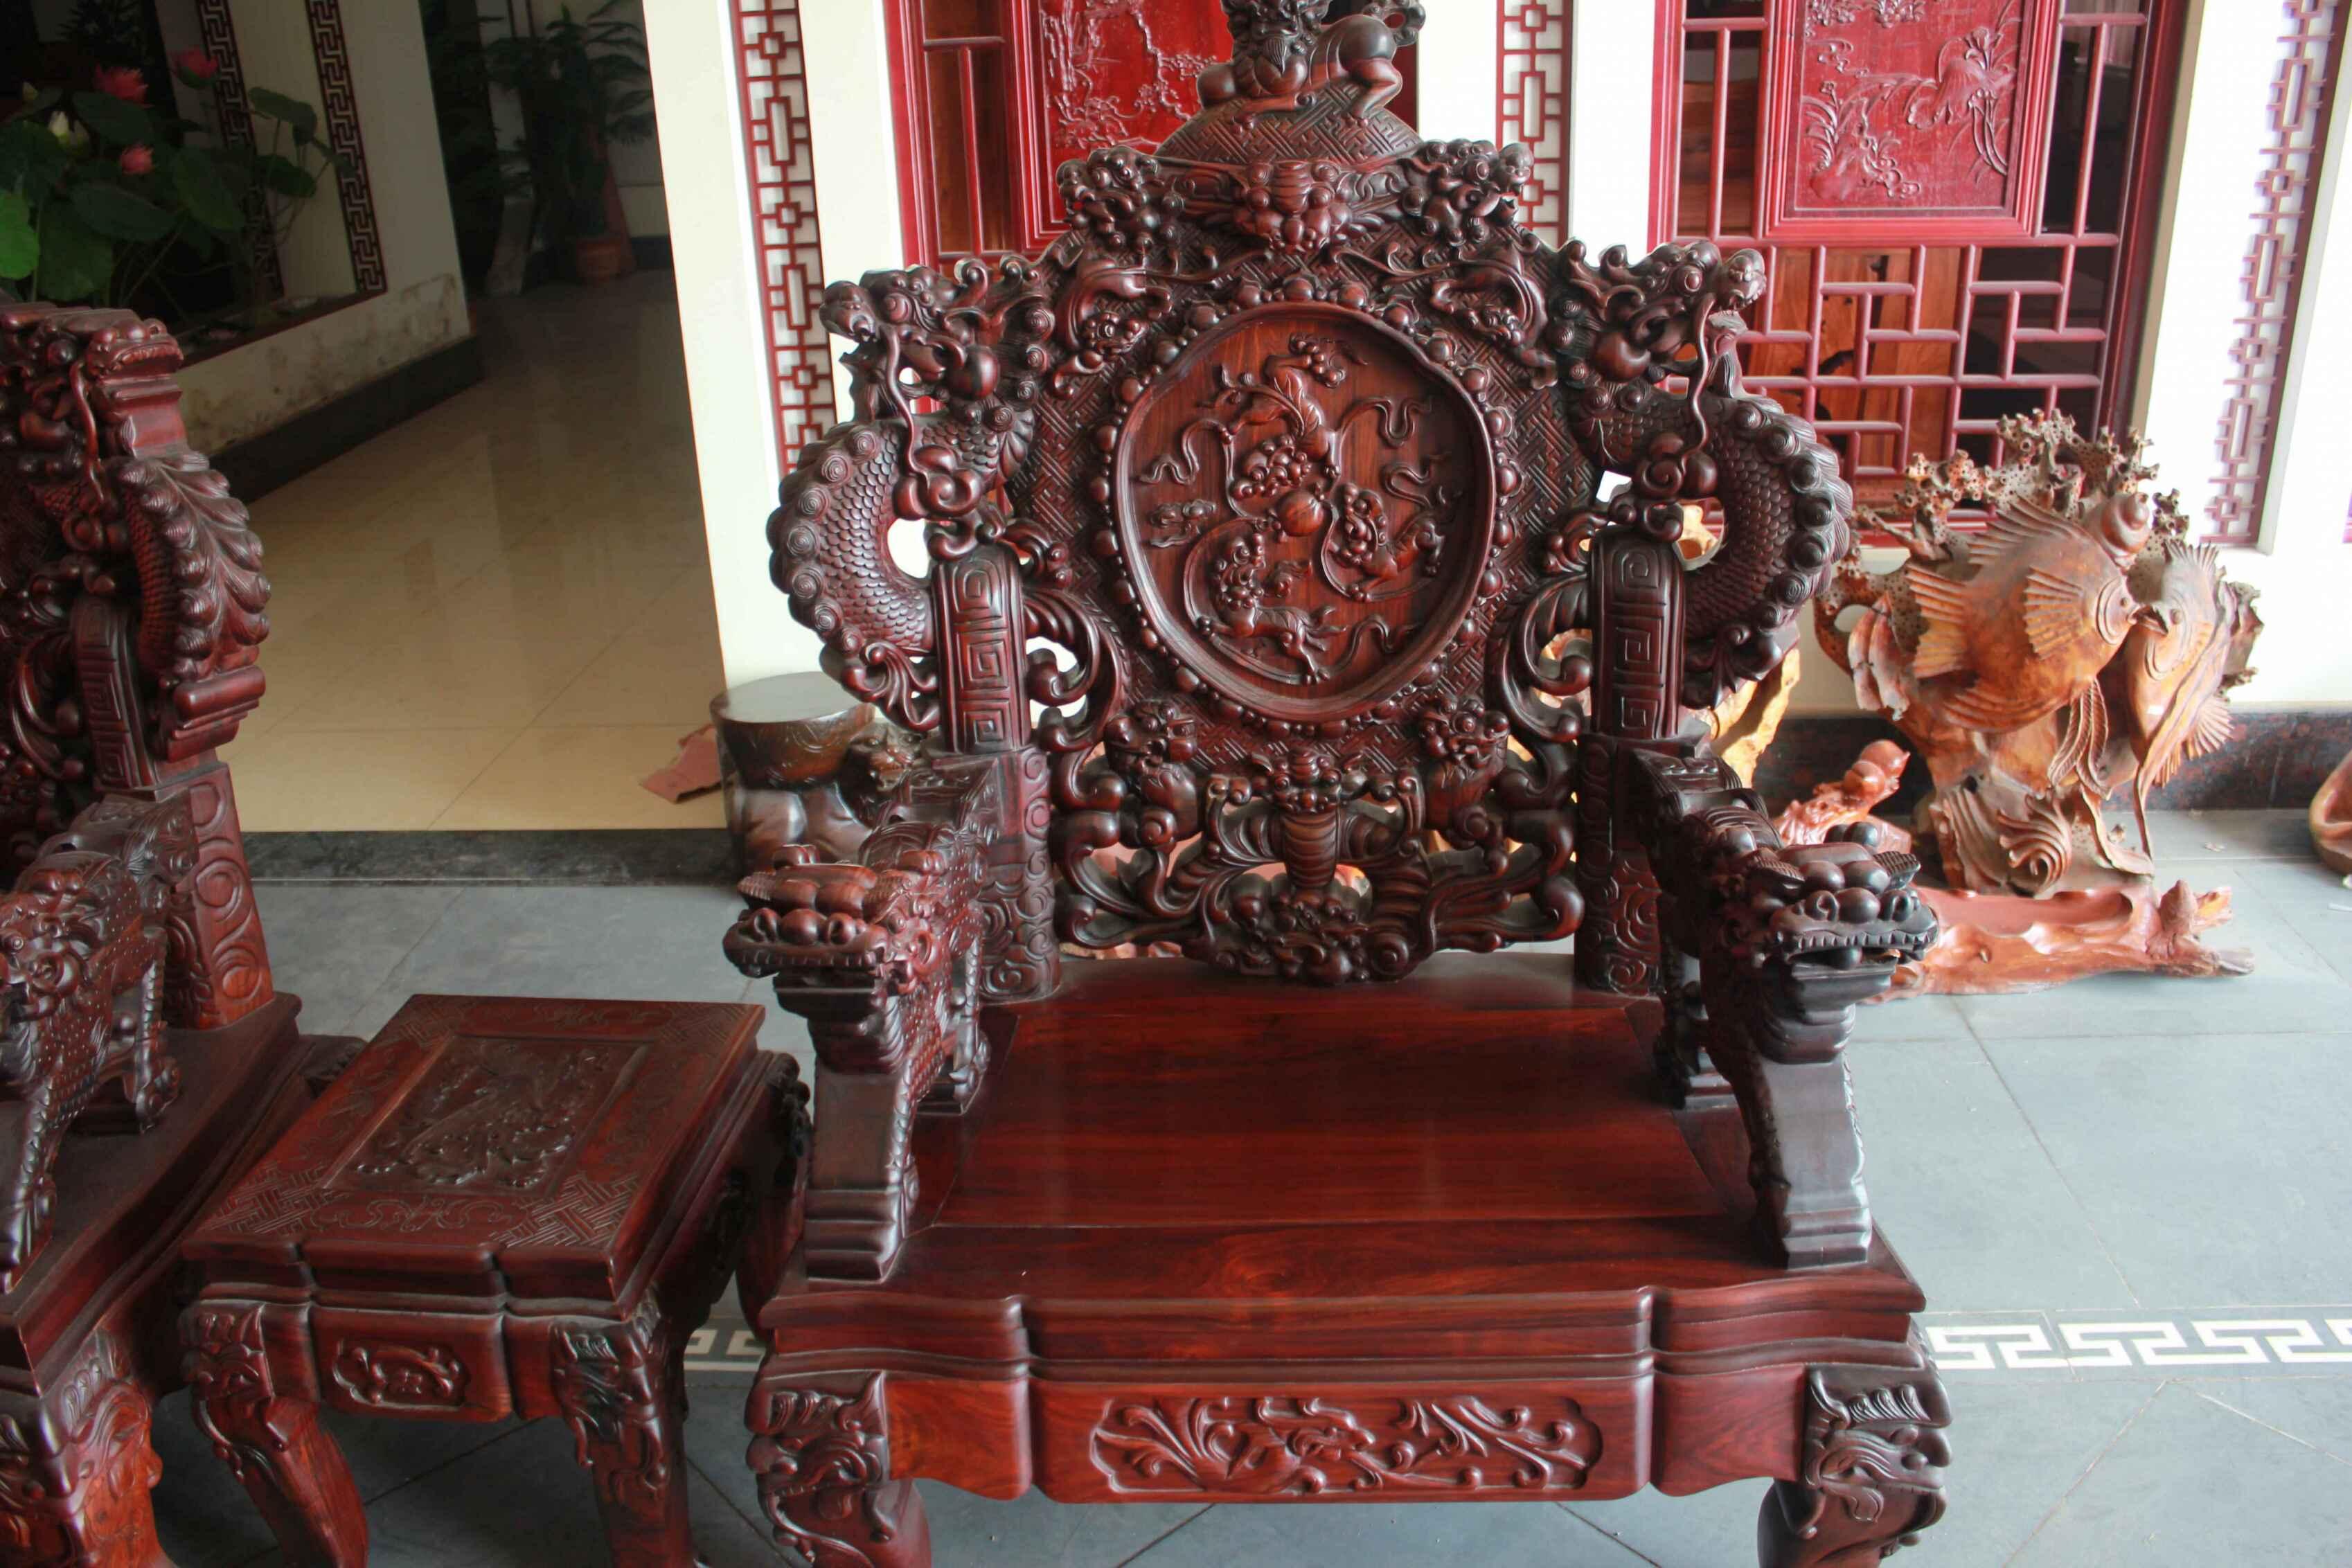 老红木雕龙宝座沙发定做红木家具价格,东阳木雕图,明清古典家具款式图片